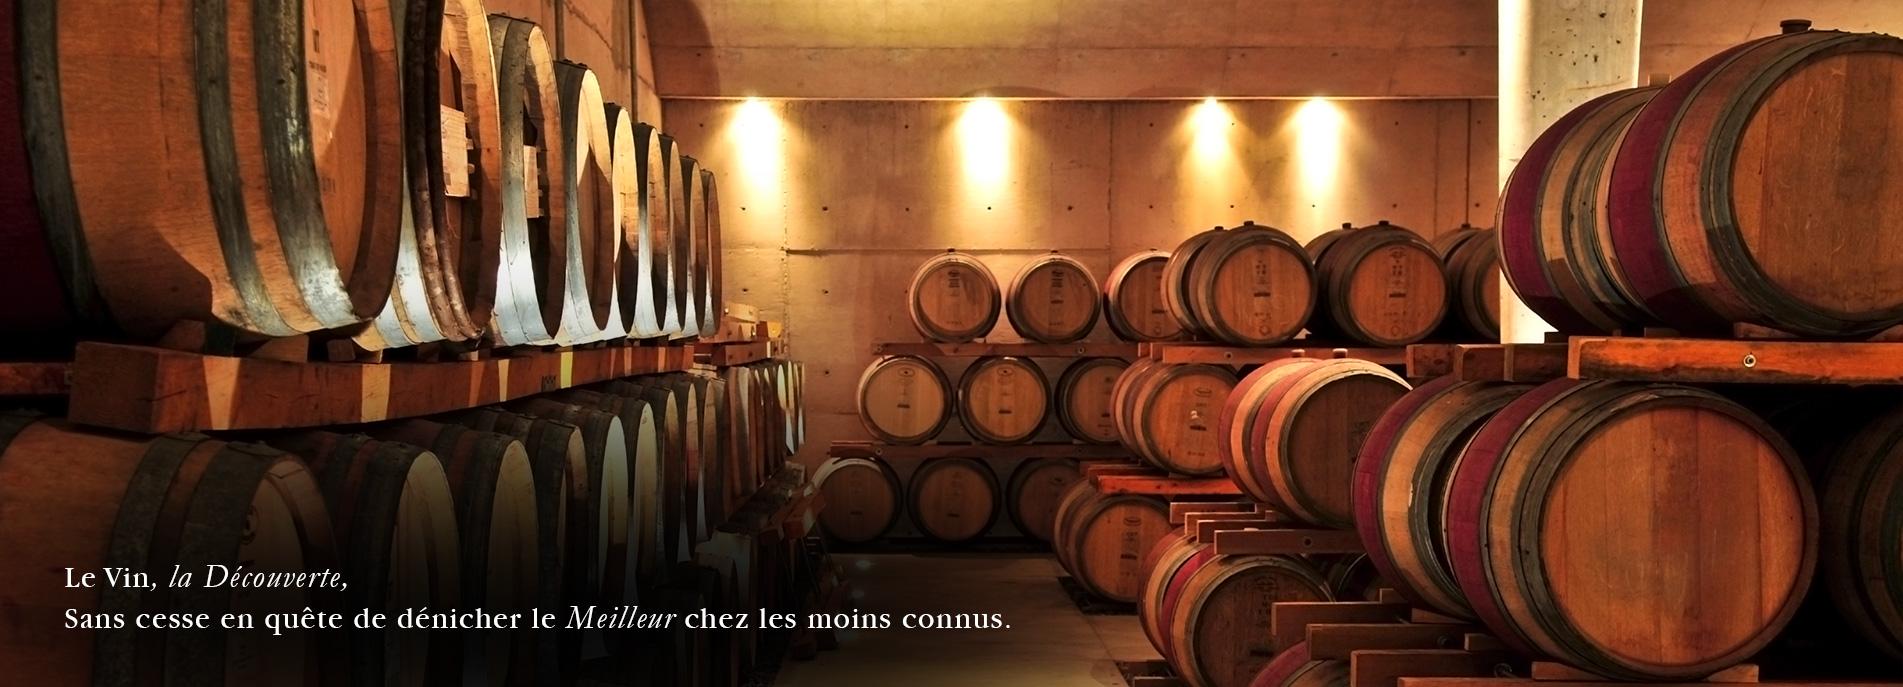 La_Cristallerie_Selection_de_Vins_Precise